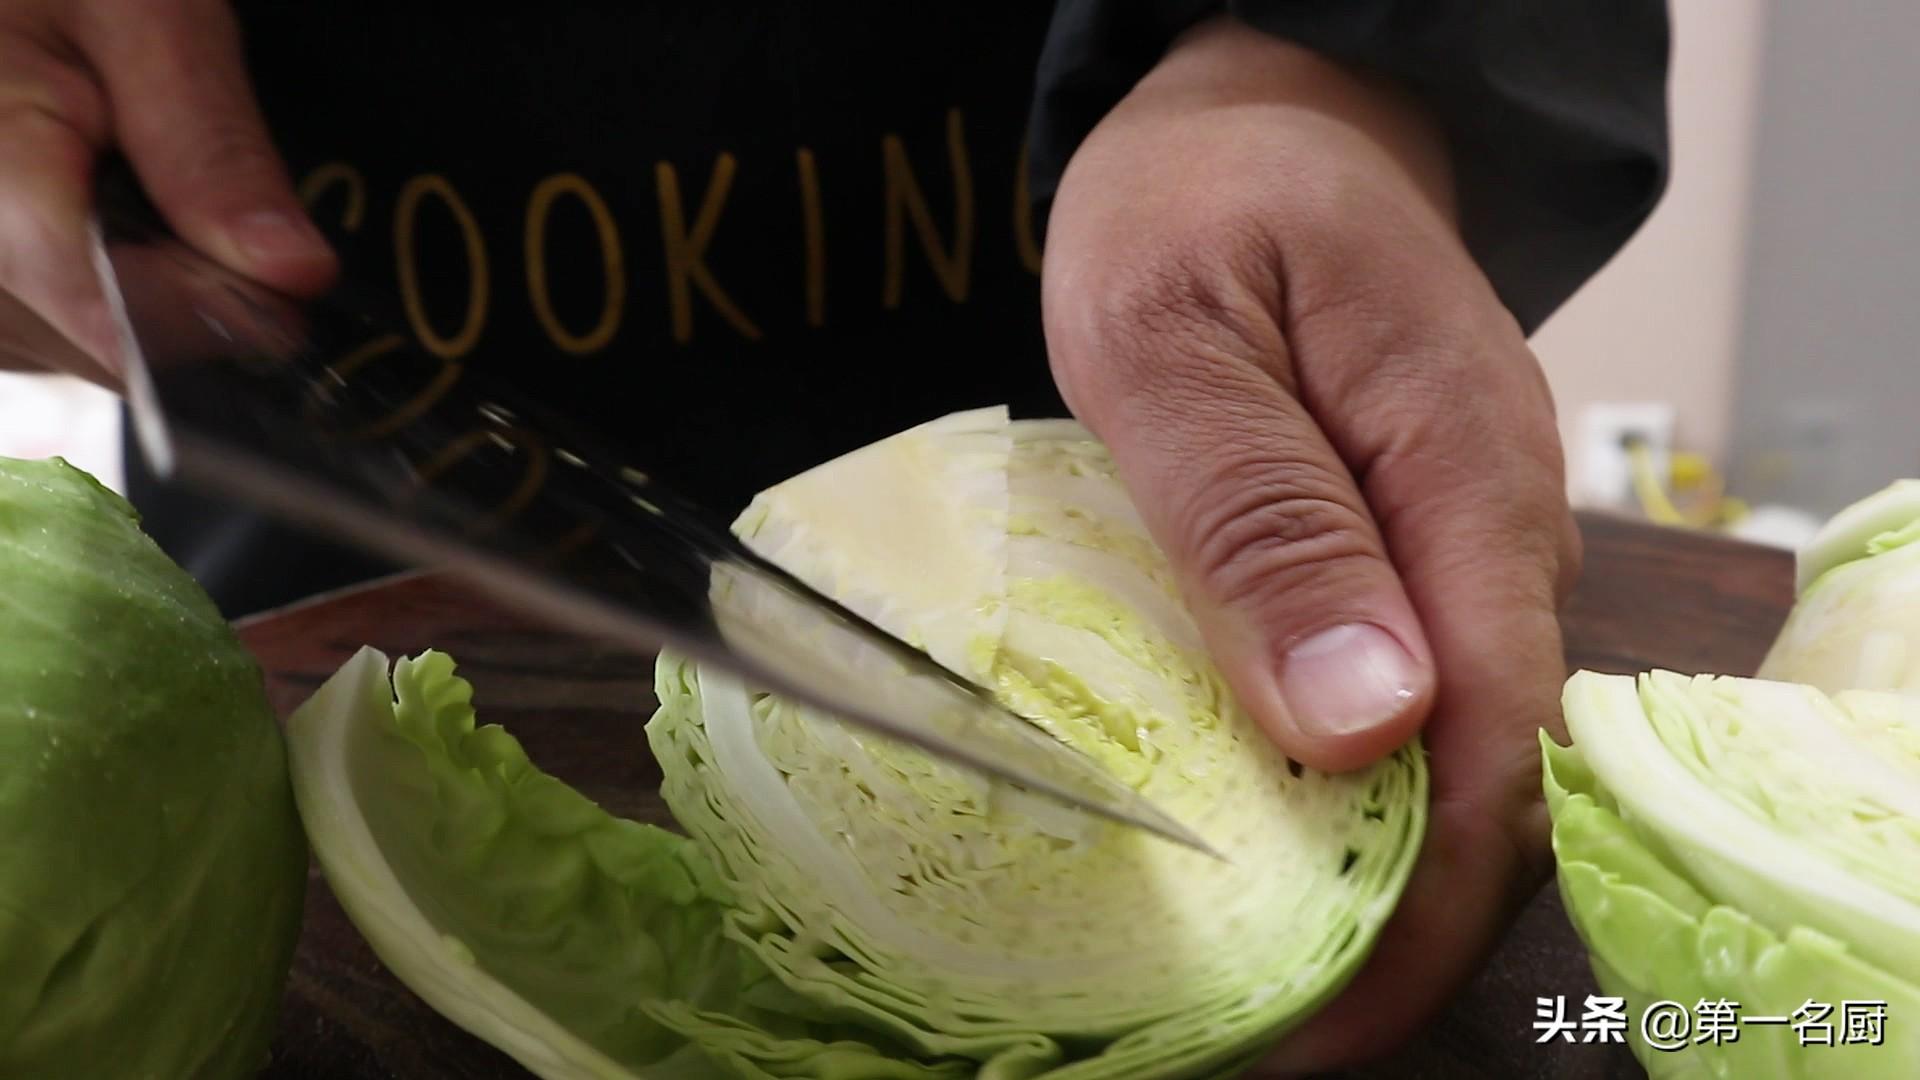 难怪饭店的手撕包菜好吃?原来是用了这些小技巧,看完终于明白了 美食做法 第2张